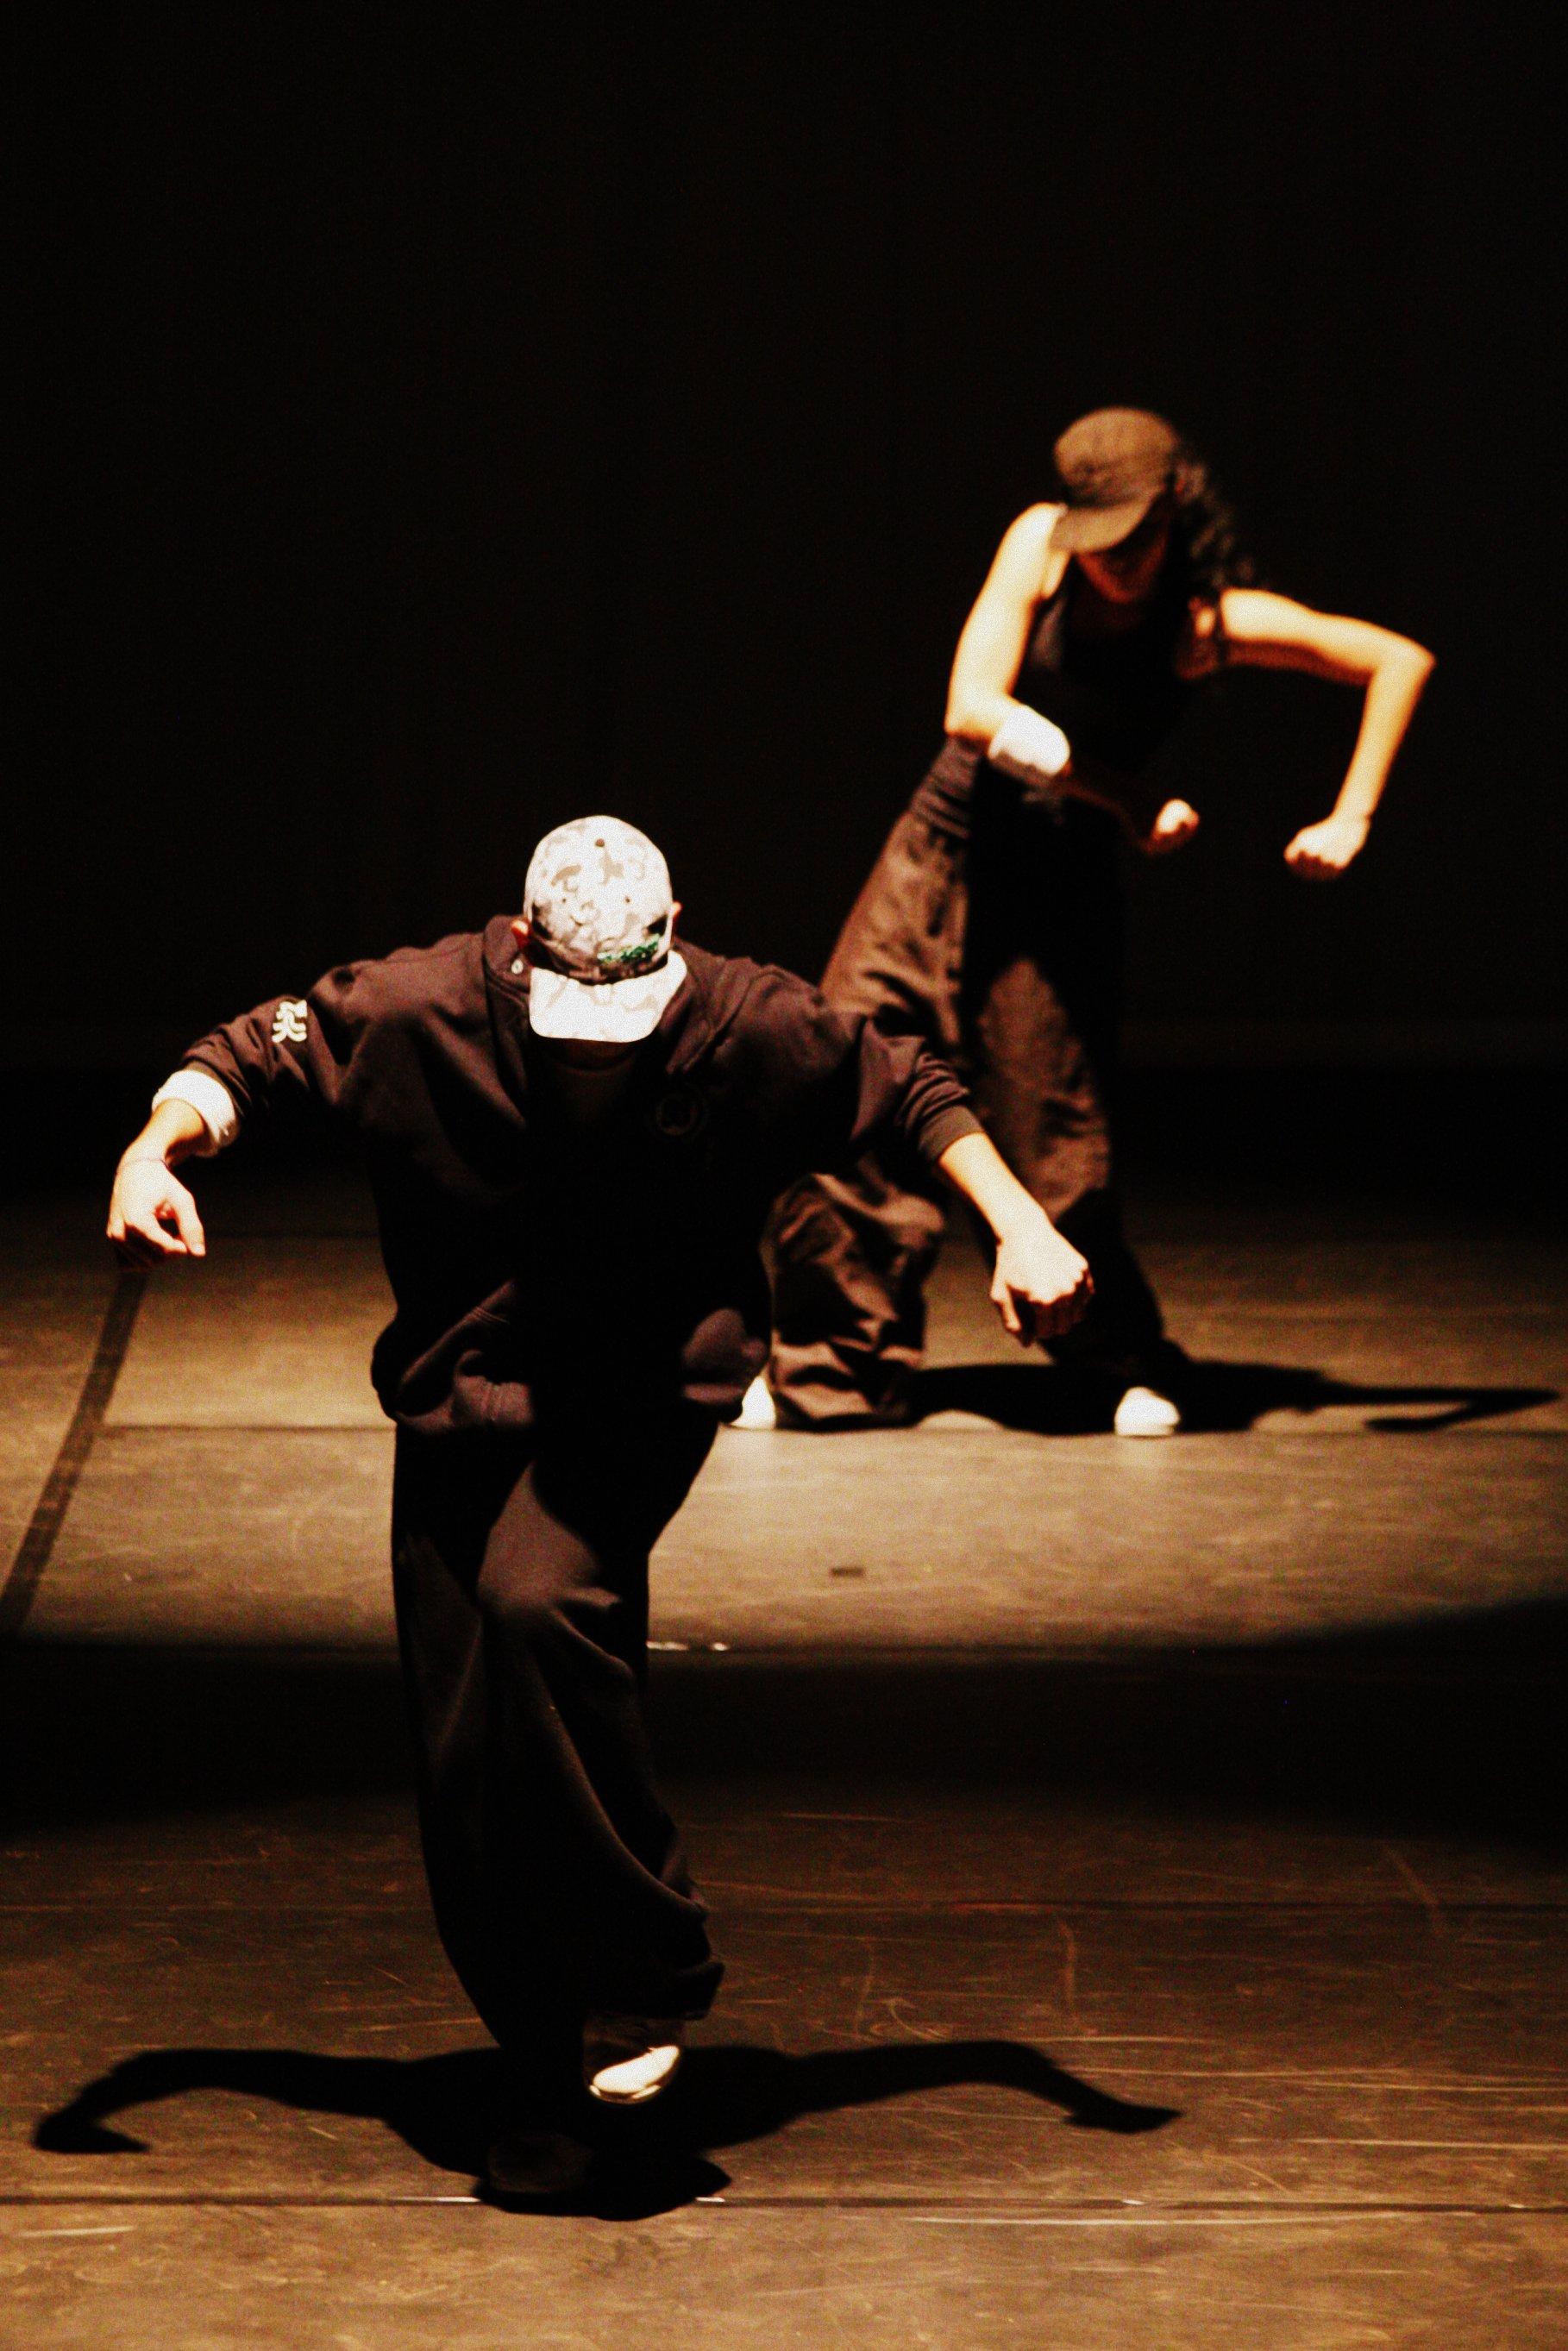 Танцы уличные картинки